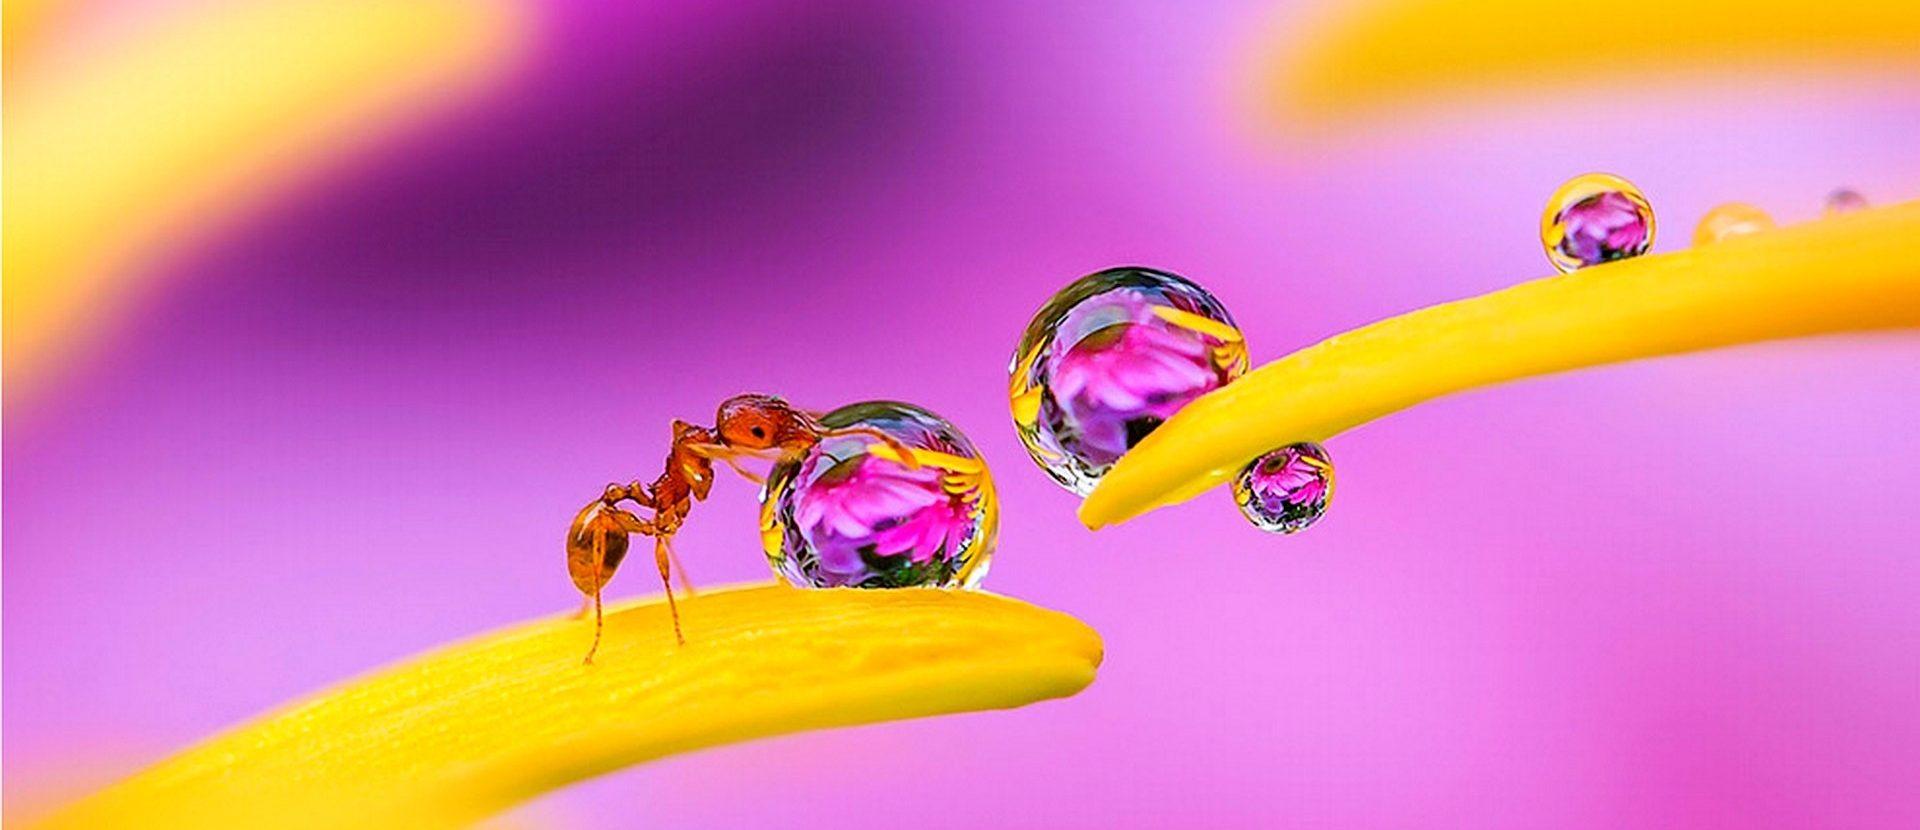 De mieren en de dauw